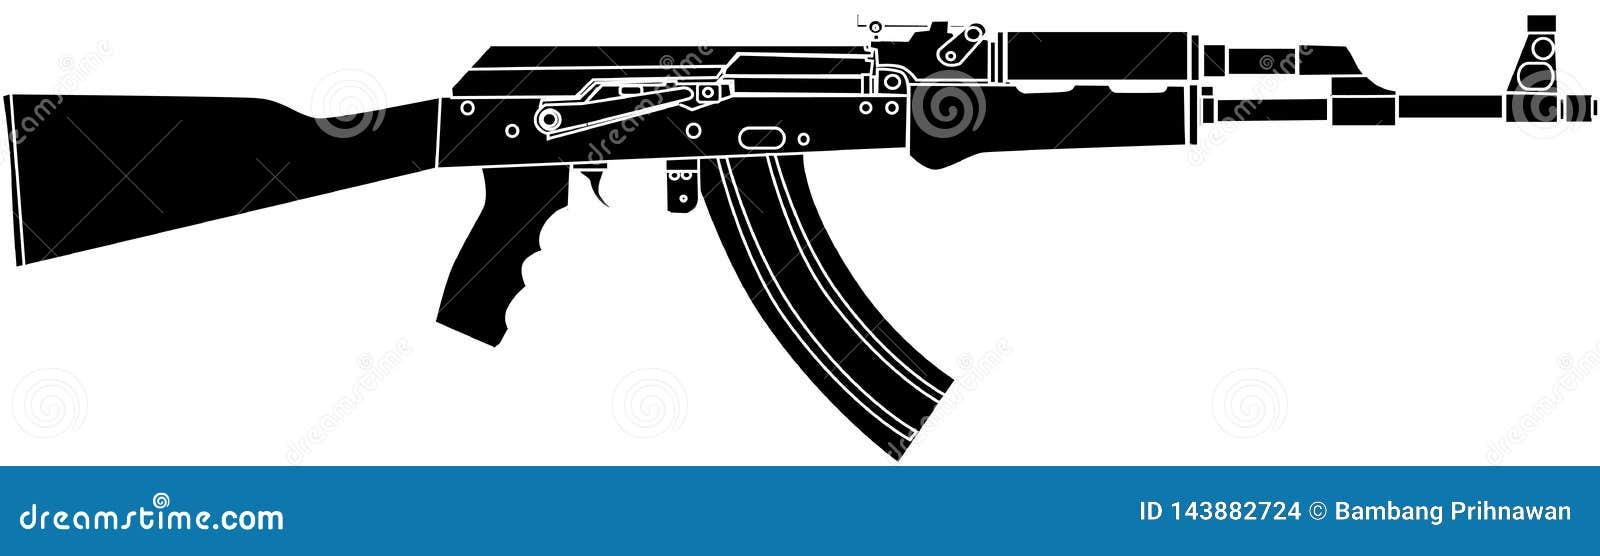 AK47 för Rusian anfallRiffle svart - vektorillustration